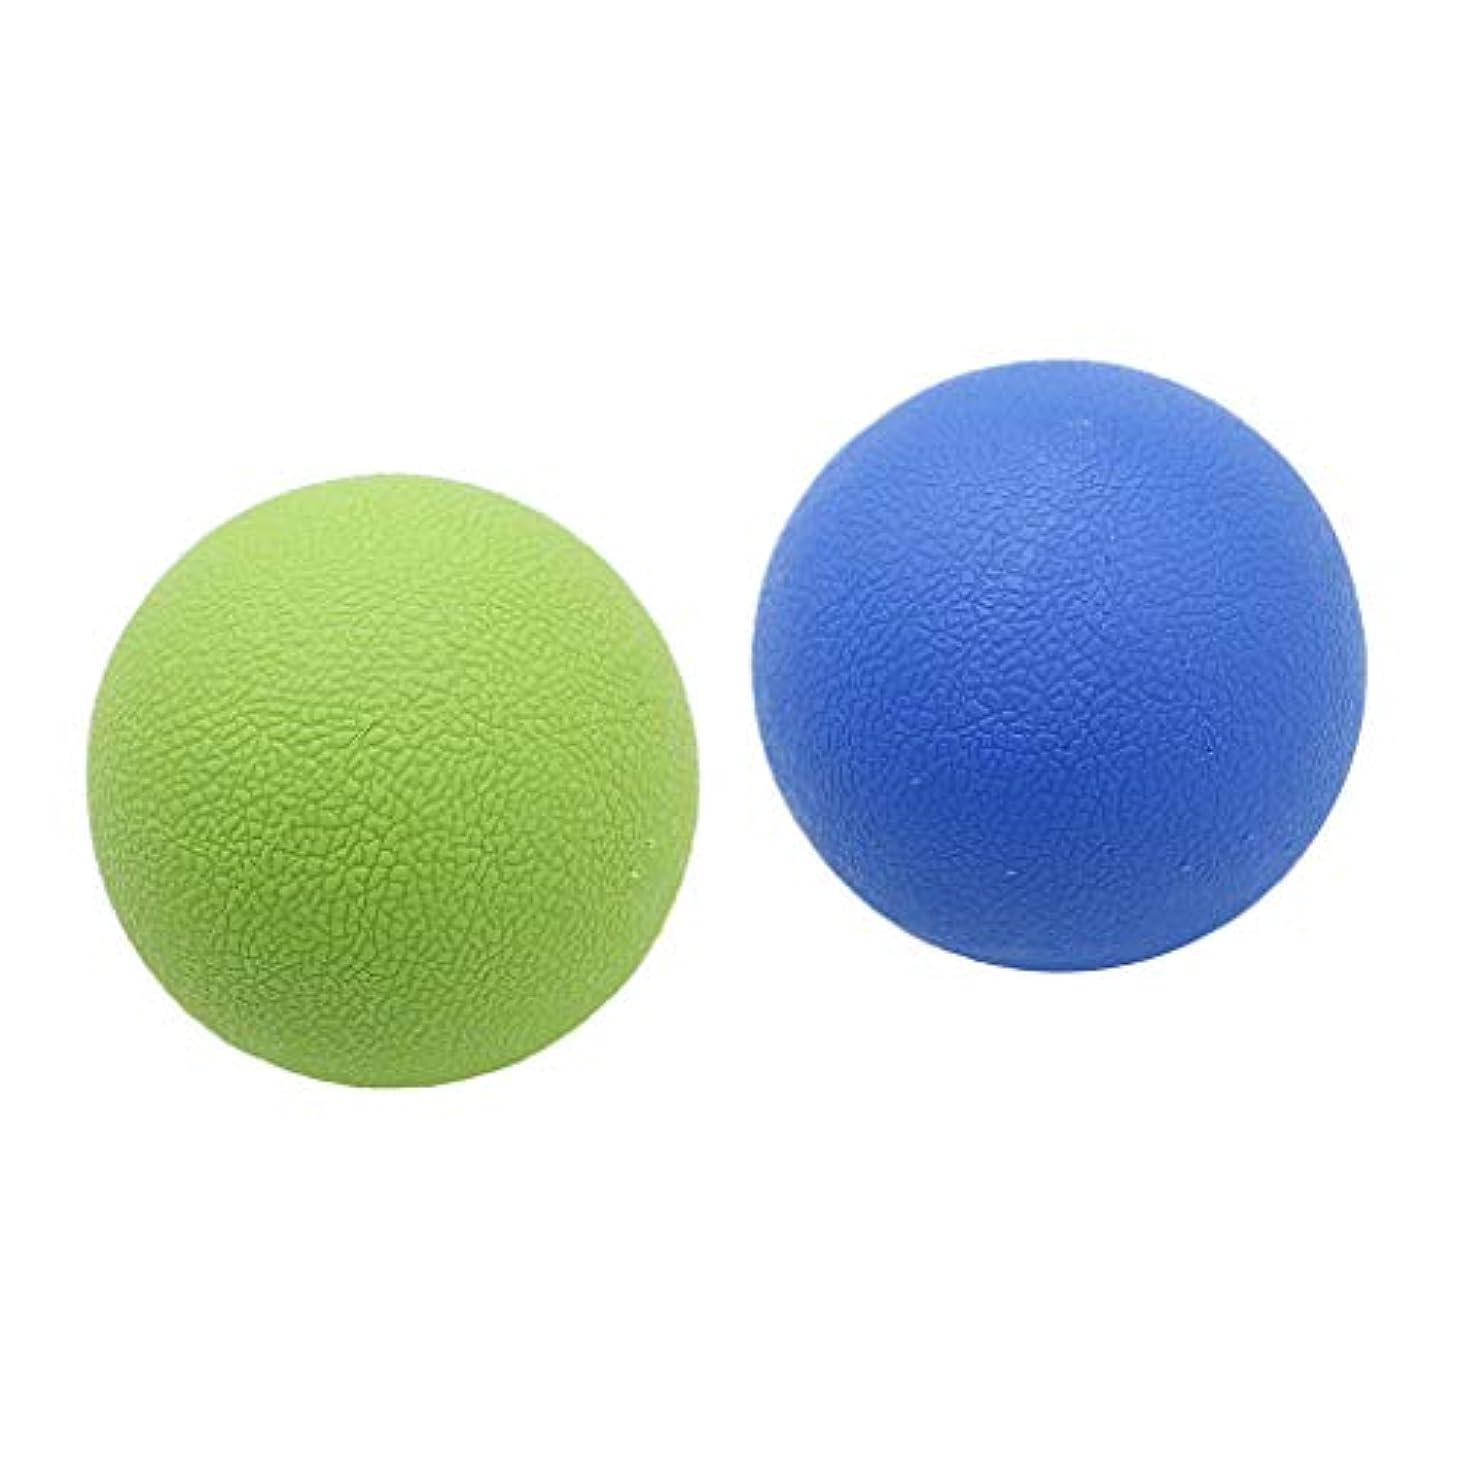 追い払う肌寒い苛性Hellery 2個 マッサージボール ラクロスボール トリガーポイント 弾性TPE 健康グッズ ブルーグリーン